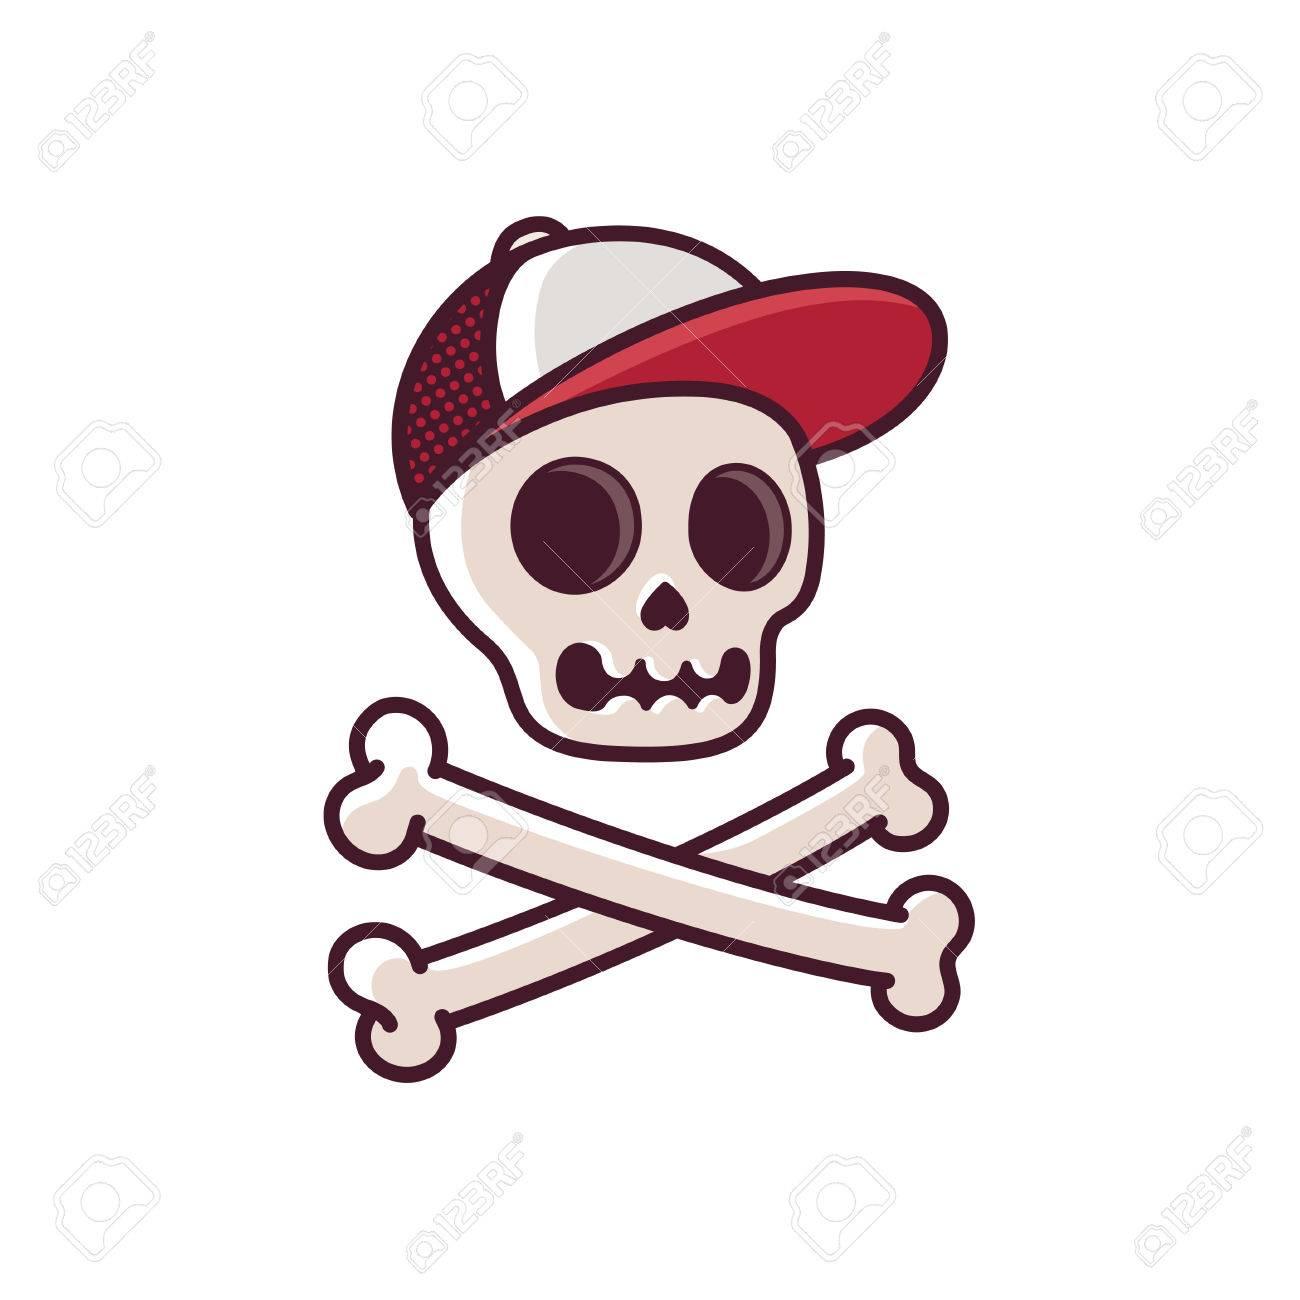 De Dibujos Animados Cráneo Humano En Gorra De Béisbol Con La Bandera ...